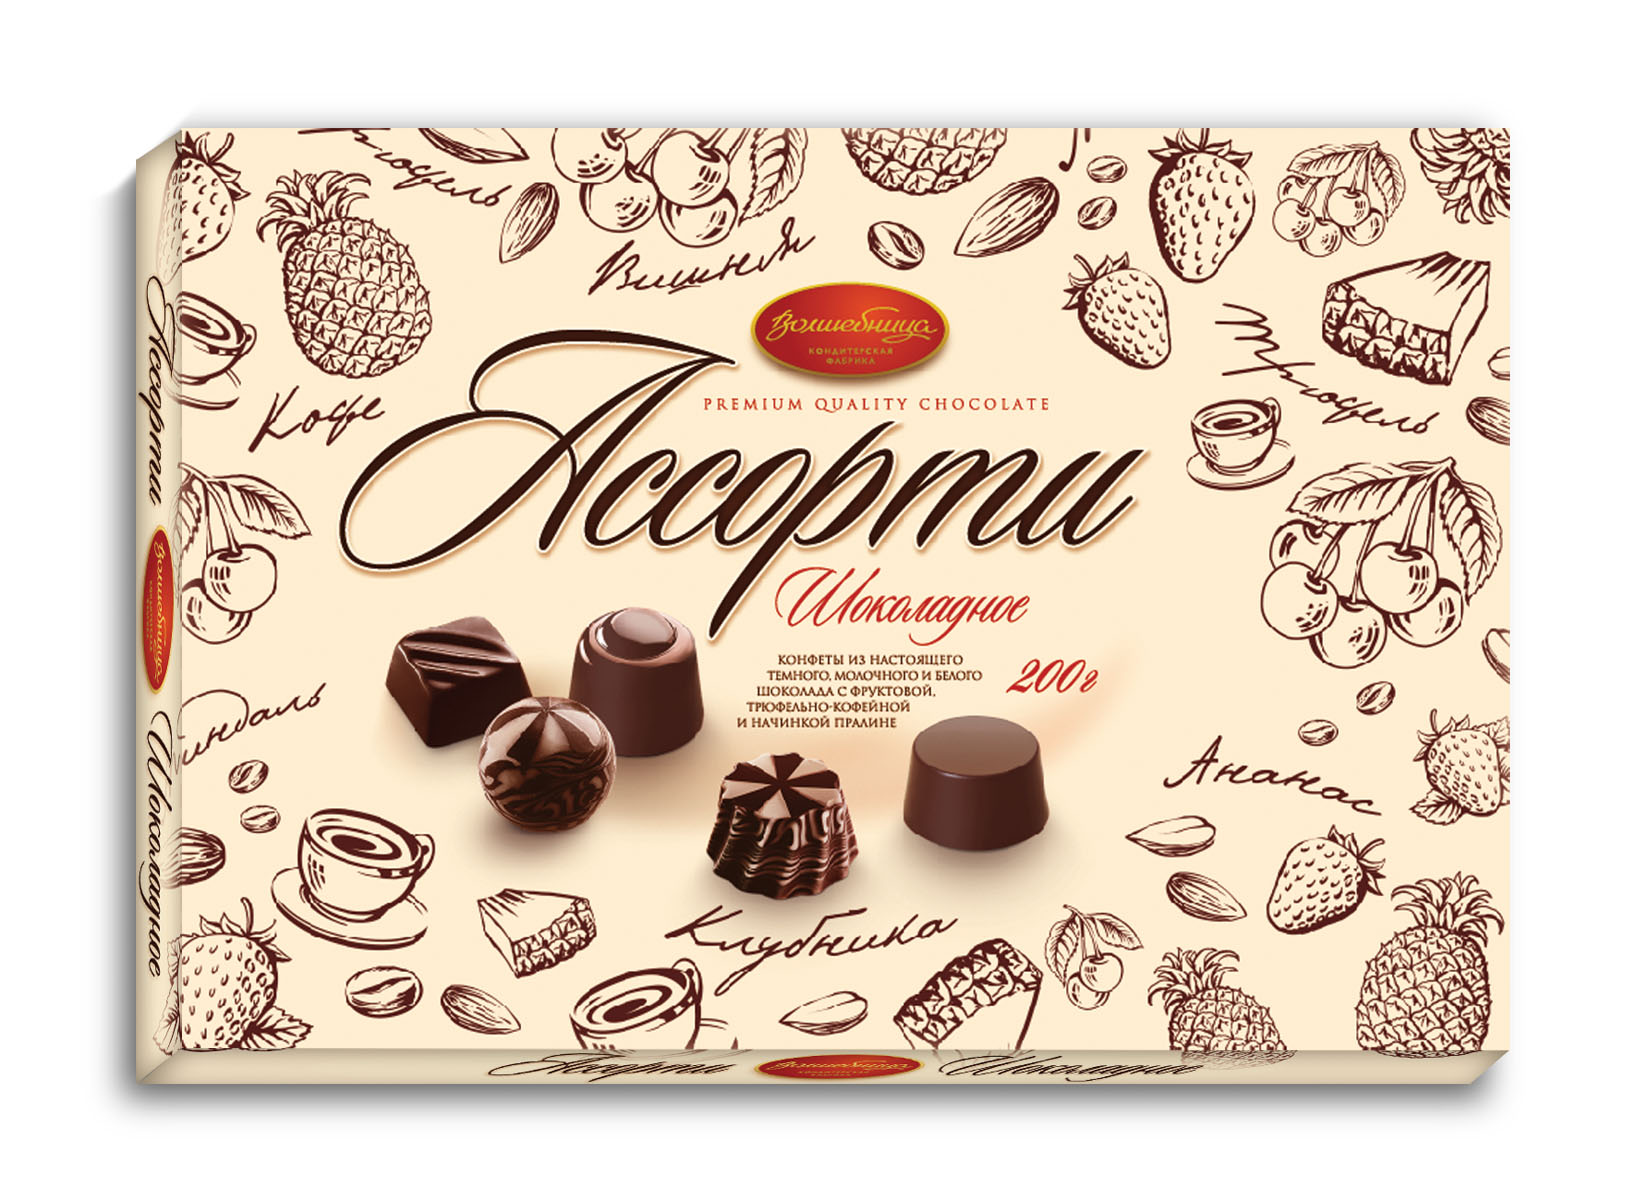 Волшебница конфеты шоколадное ассорти (белые), 200 г1.1577Классический набор шоколадных конфет в темном и молочном шоколаде с разнообразными начинками - ореховое пралине, трюфельный крем, фруктовыми - вишня, ананас, клубника. 100% шоколад, натуральный состав. Изящный дизайн упаковки. Отличный вариант для стильного подарка по любому поводу и на каждое событие.